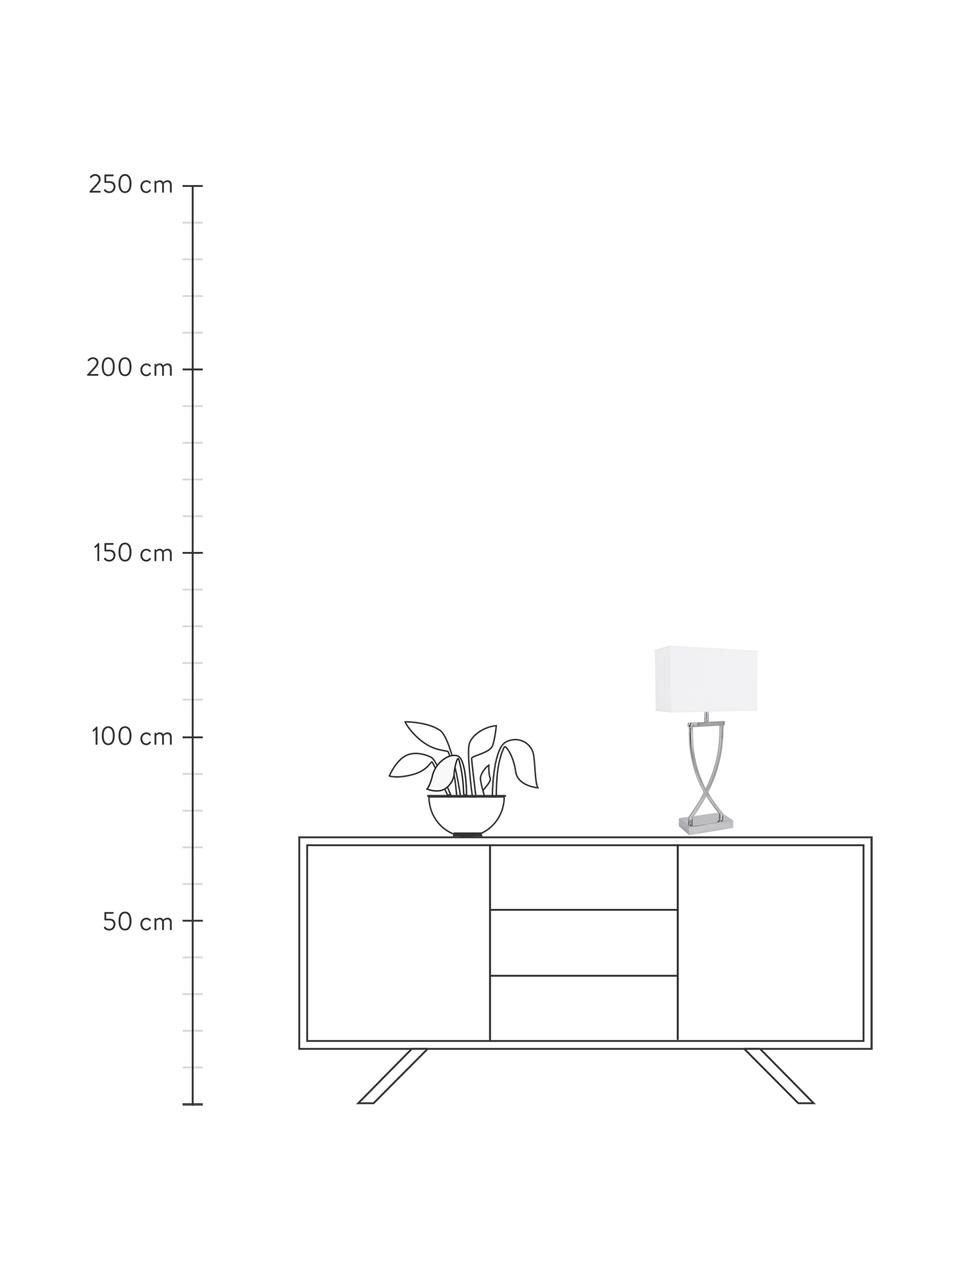 Große Klassische Tischlampe Vanessa in Silber, Lampenfuß: Metall, Lampenschirm: Textil, Lampenfuß: Chrom, Lampenschirm: Weiß, Kabel: Weiß, 27 x 52 cm